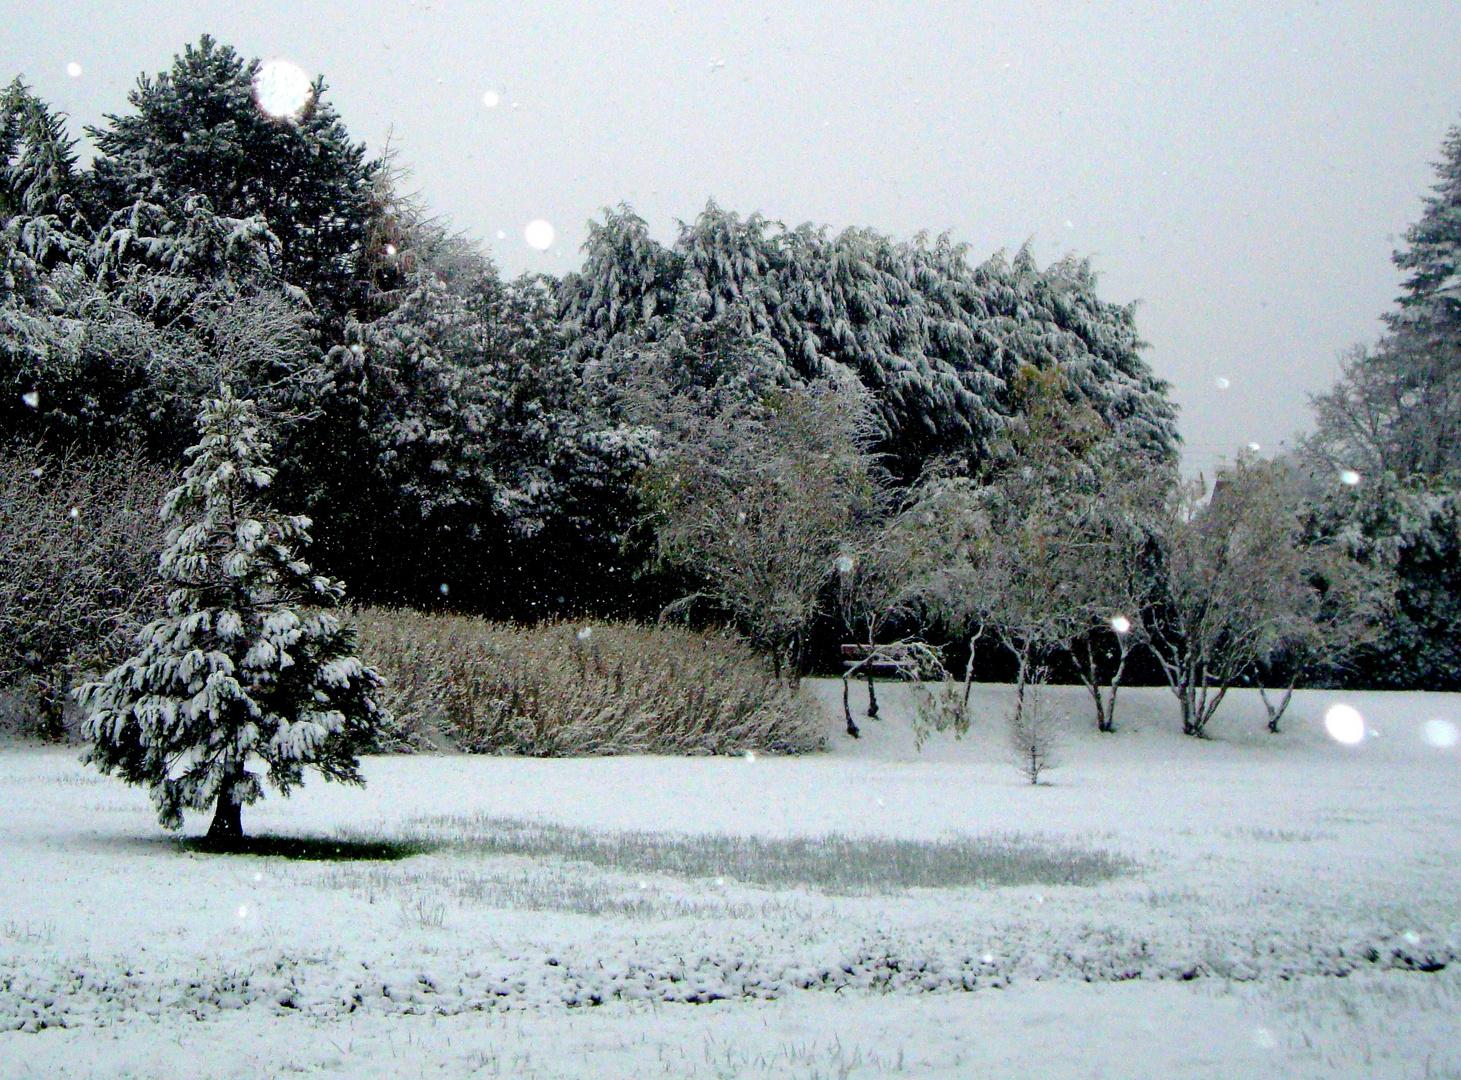 La neige.